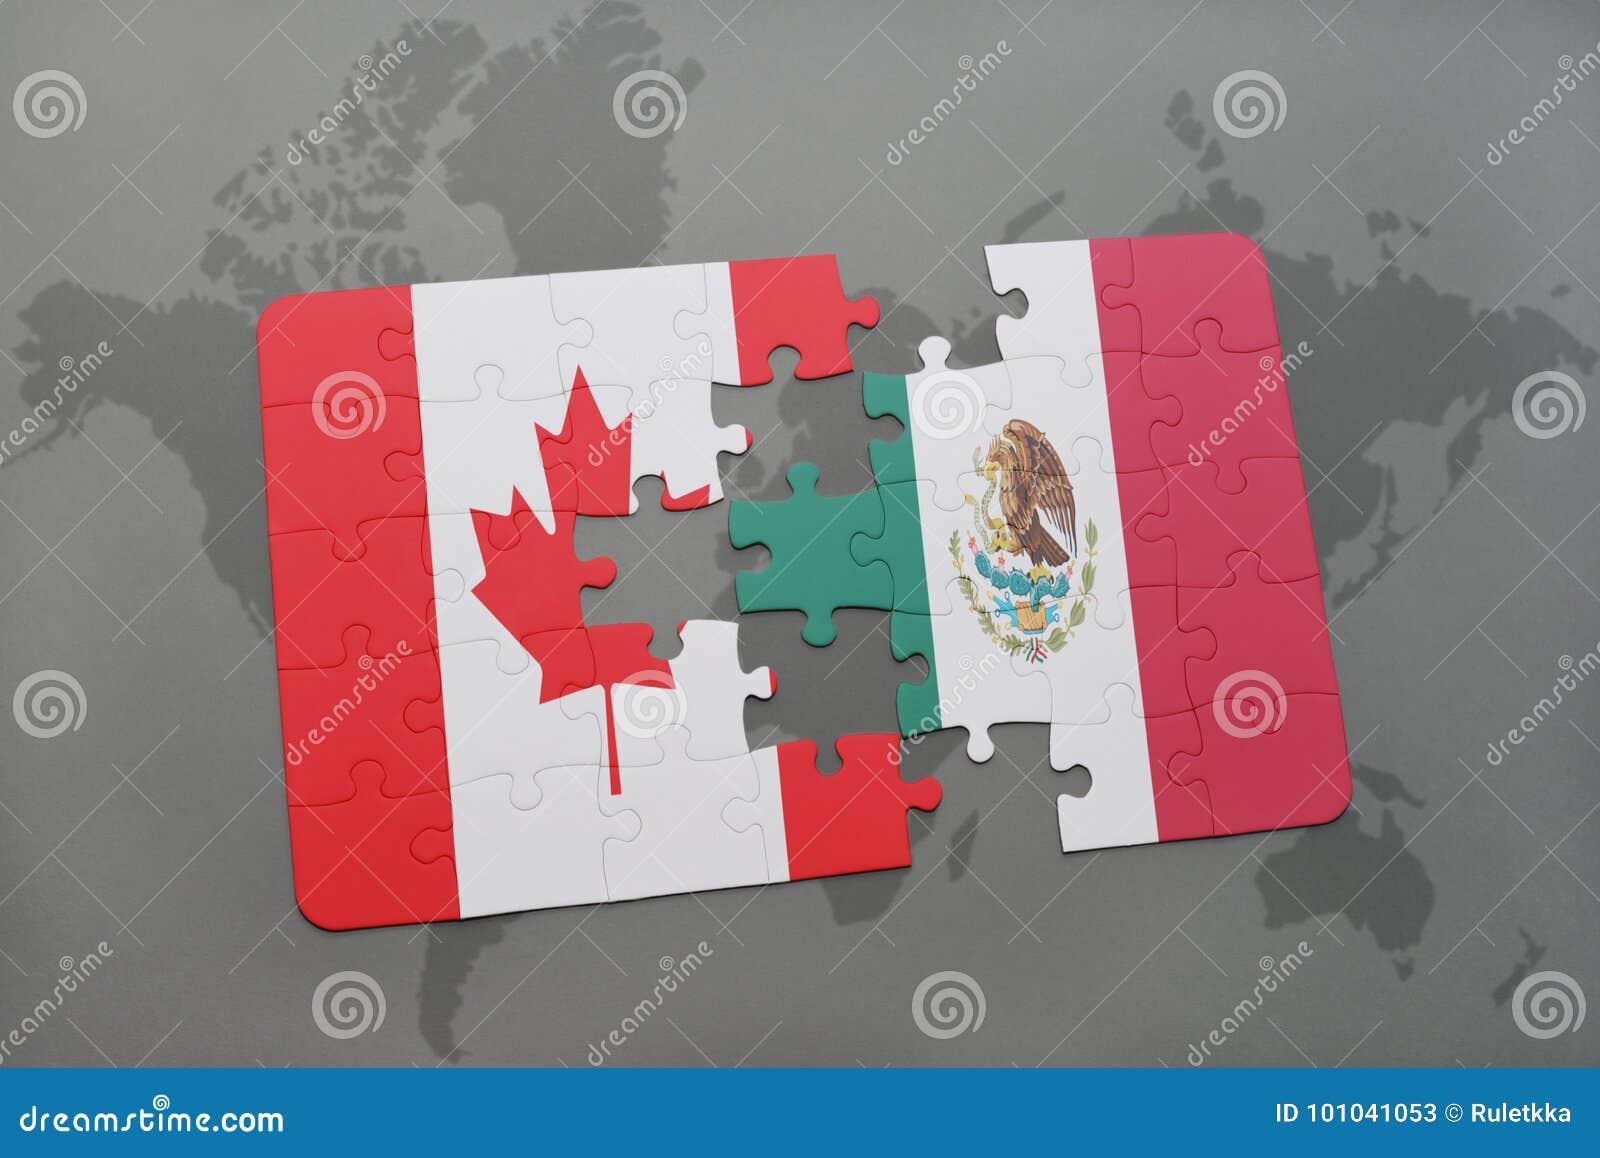 困惑与加拿大和墨西哥的国旗世界地图背景的